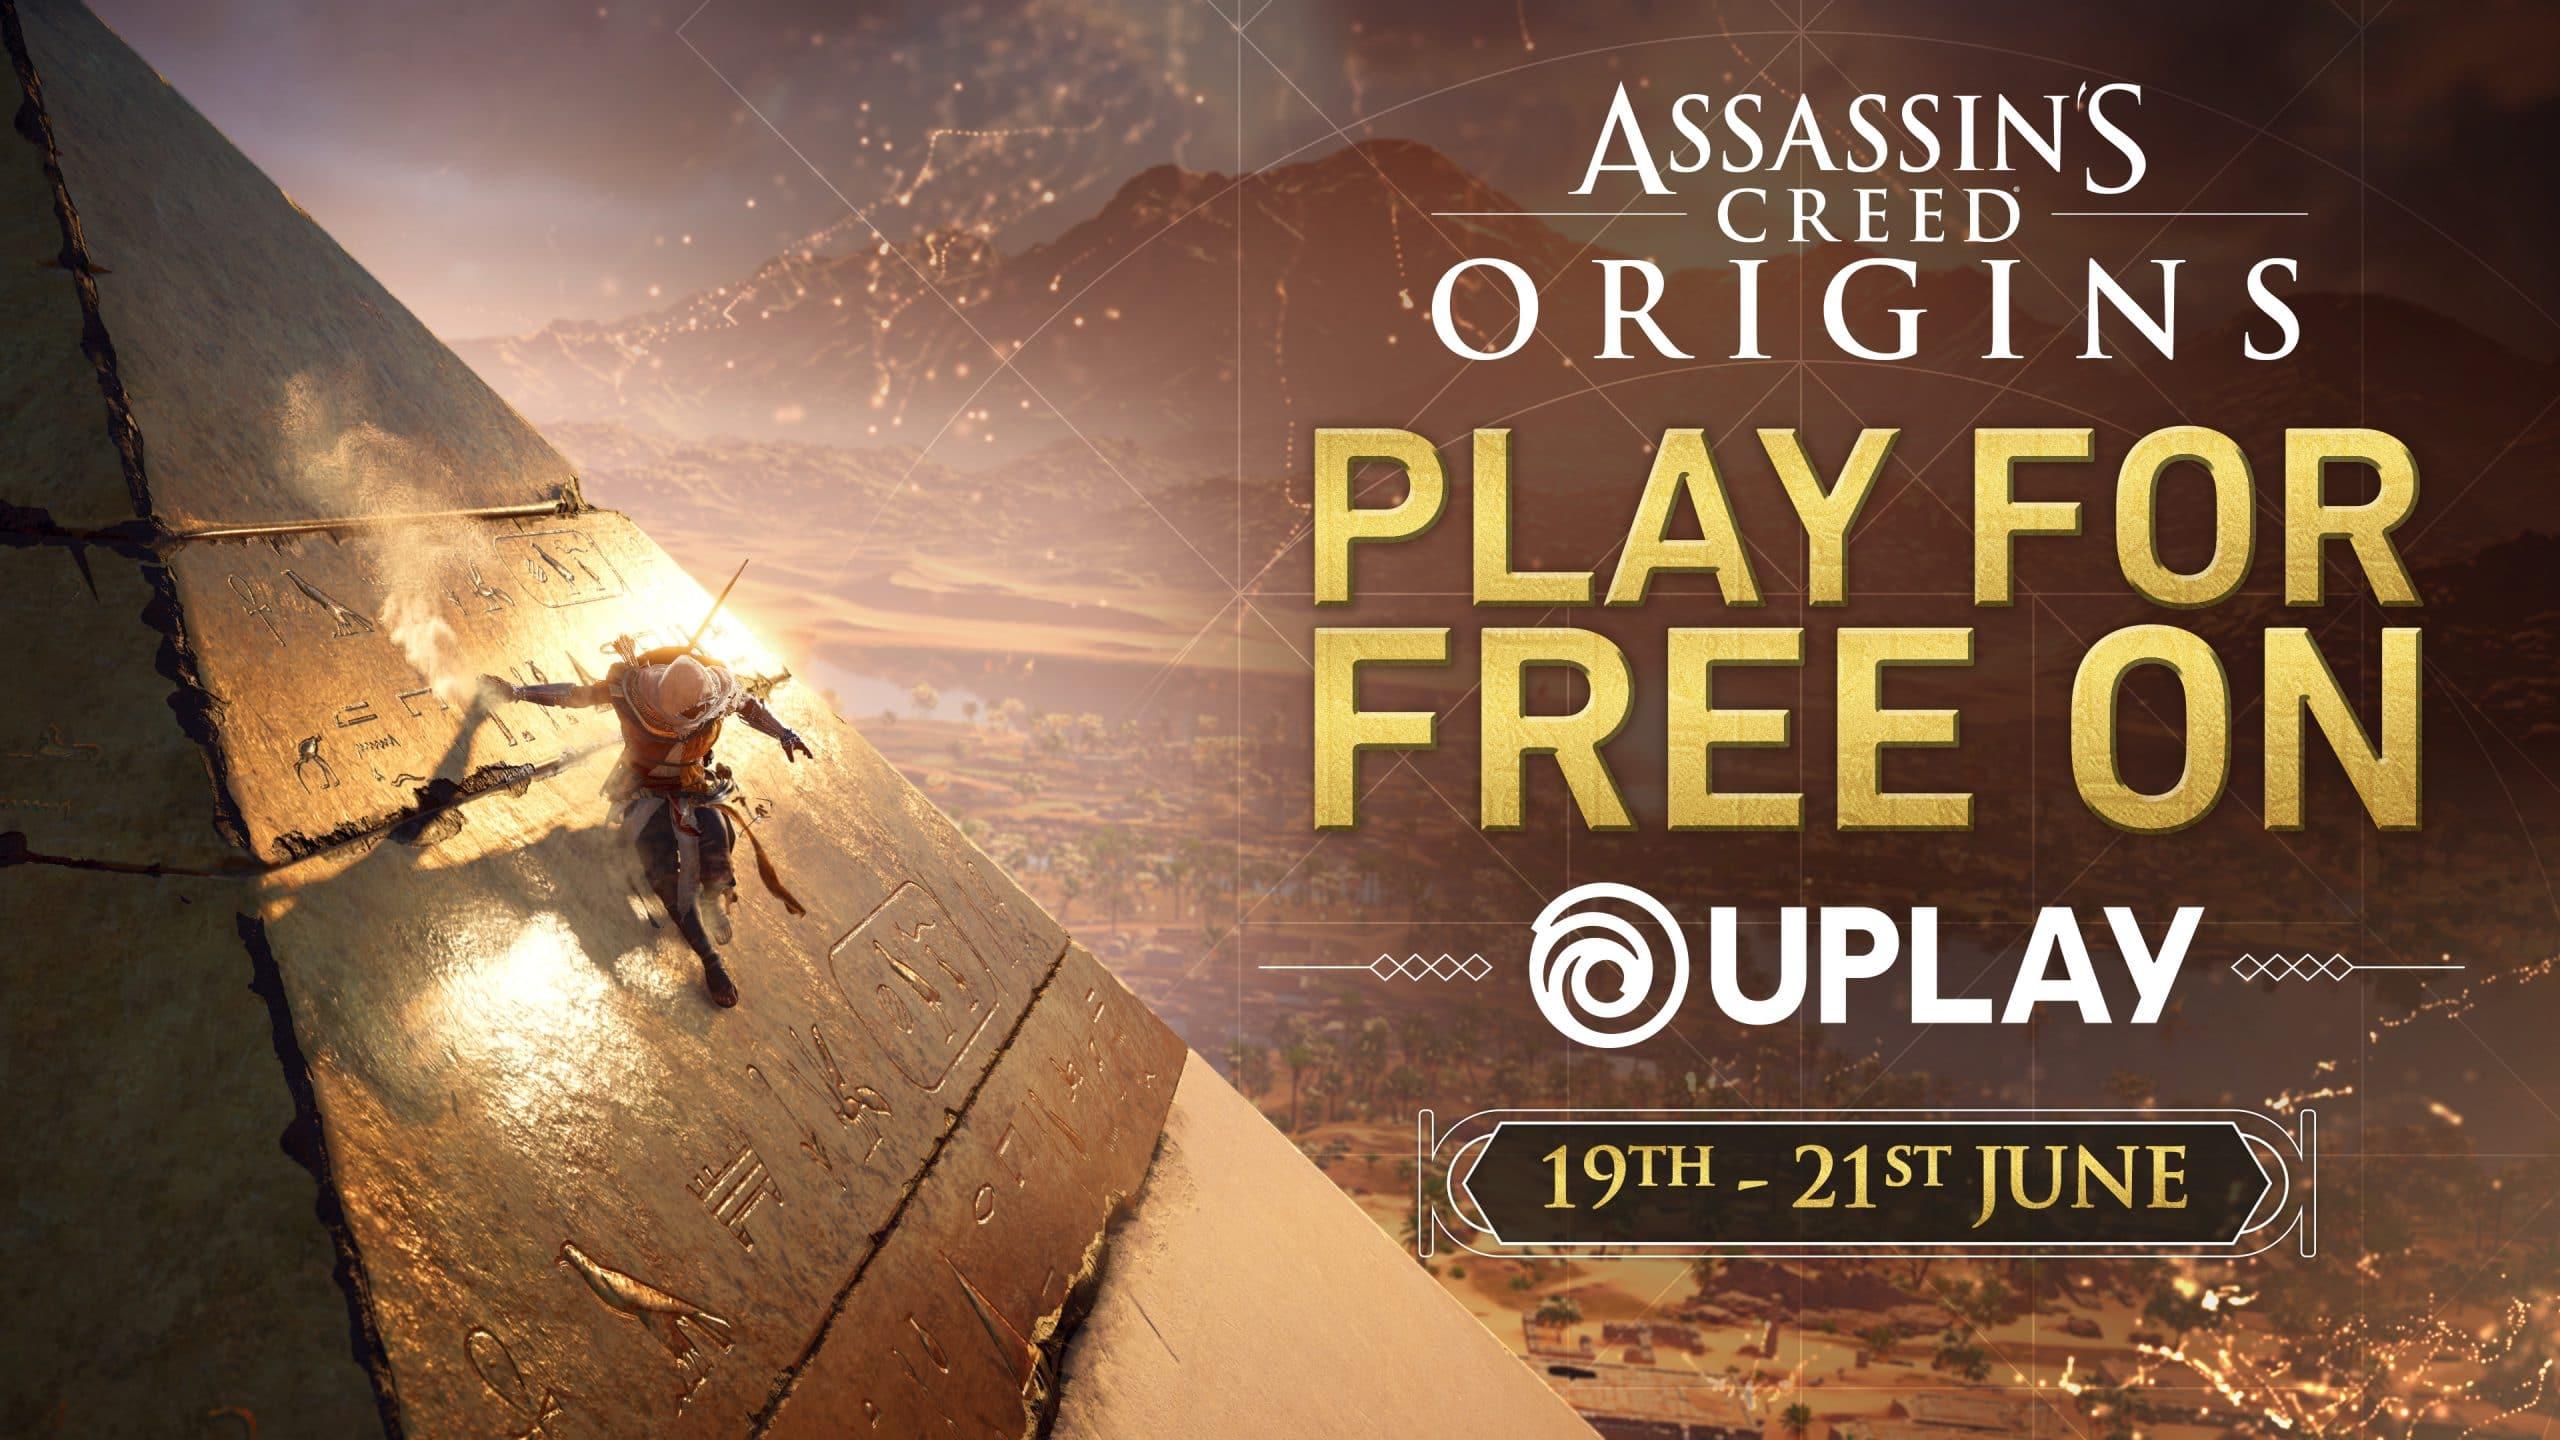 Ubisoft cho người chơi trải nghiệm miễn phí Assassin's Creed Origins vào cuối tuần này